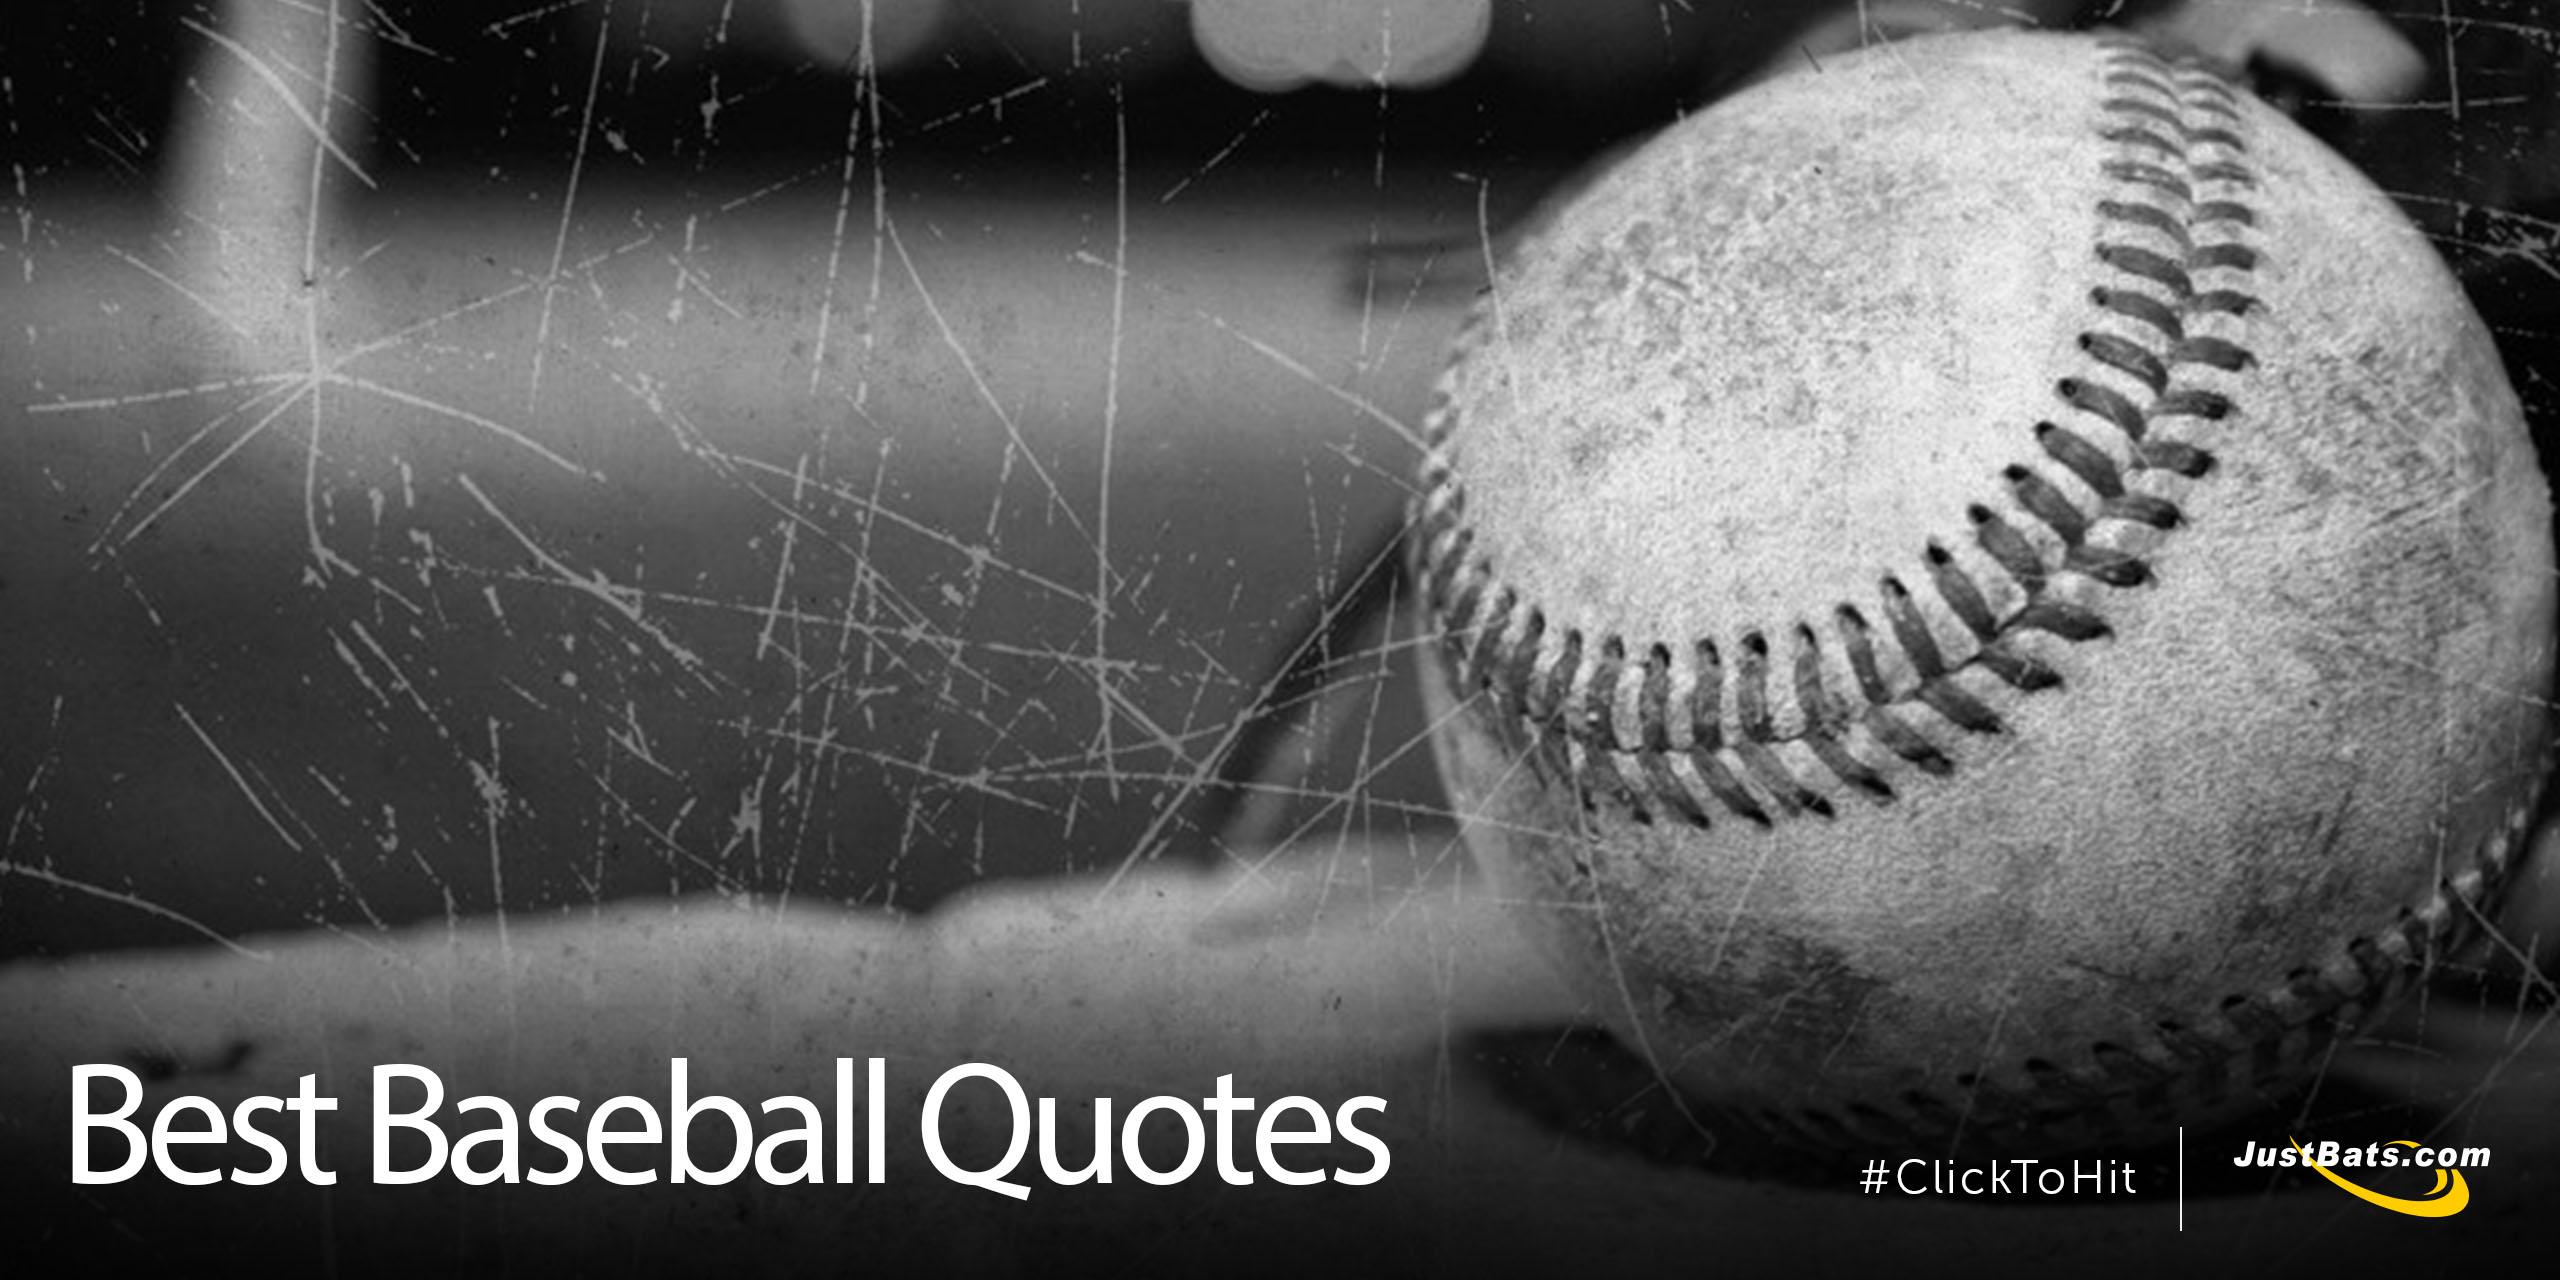 Best Baseball Quotes - Blog.jpg